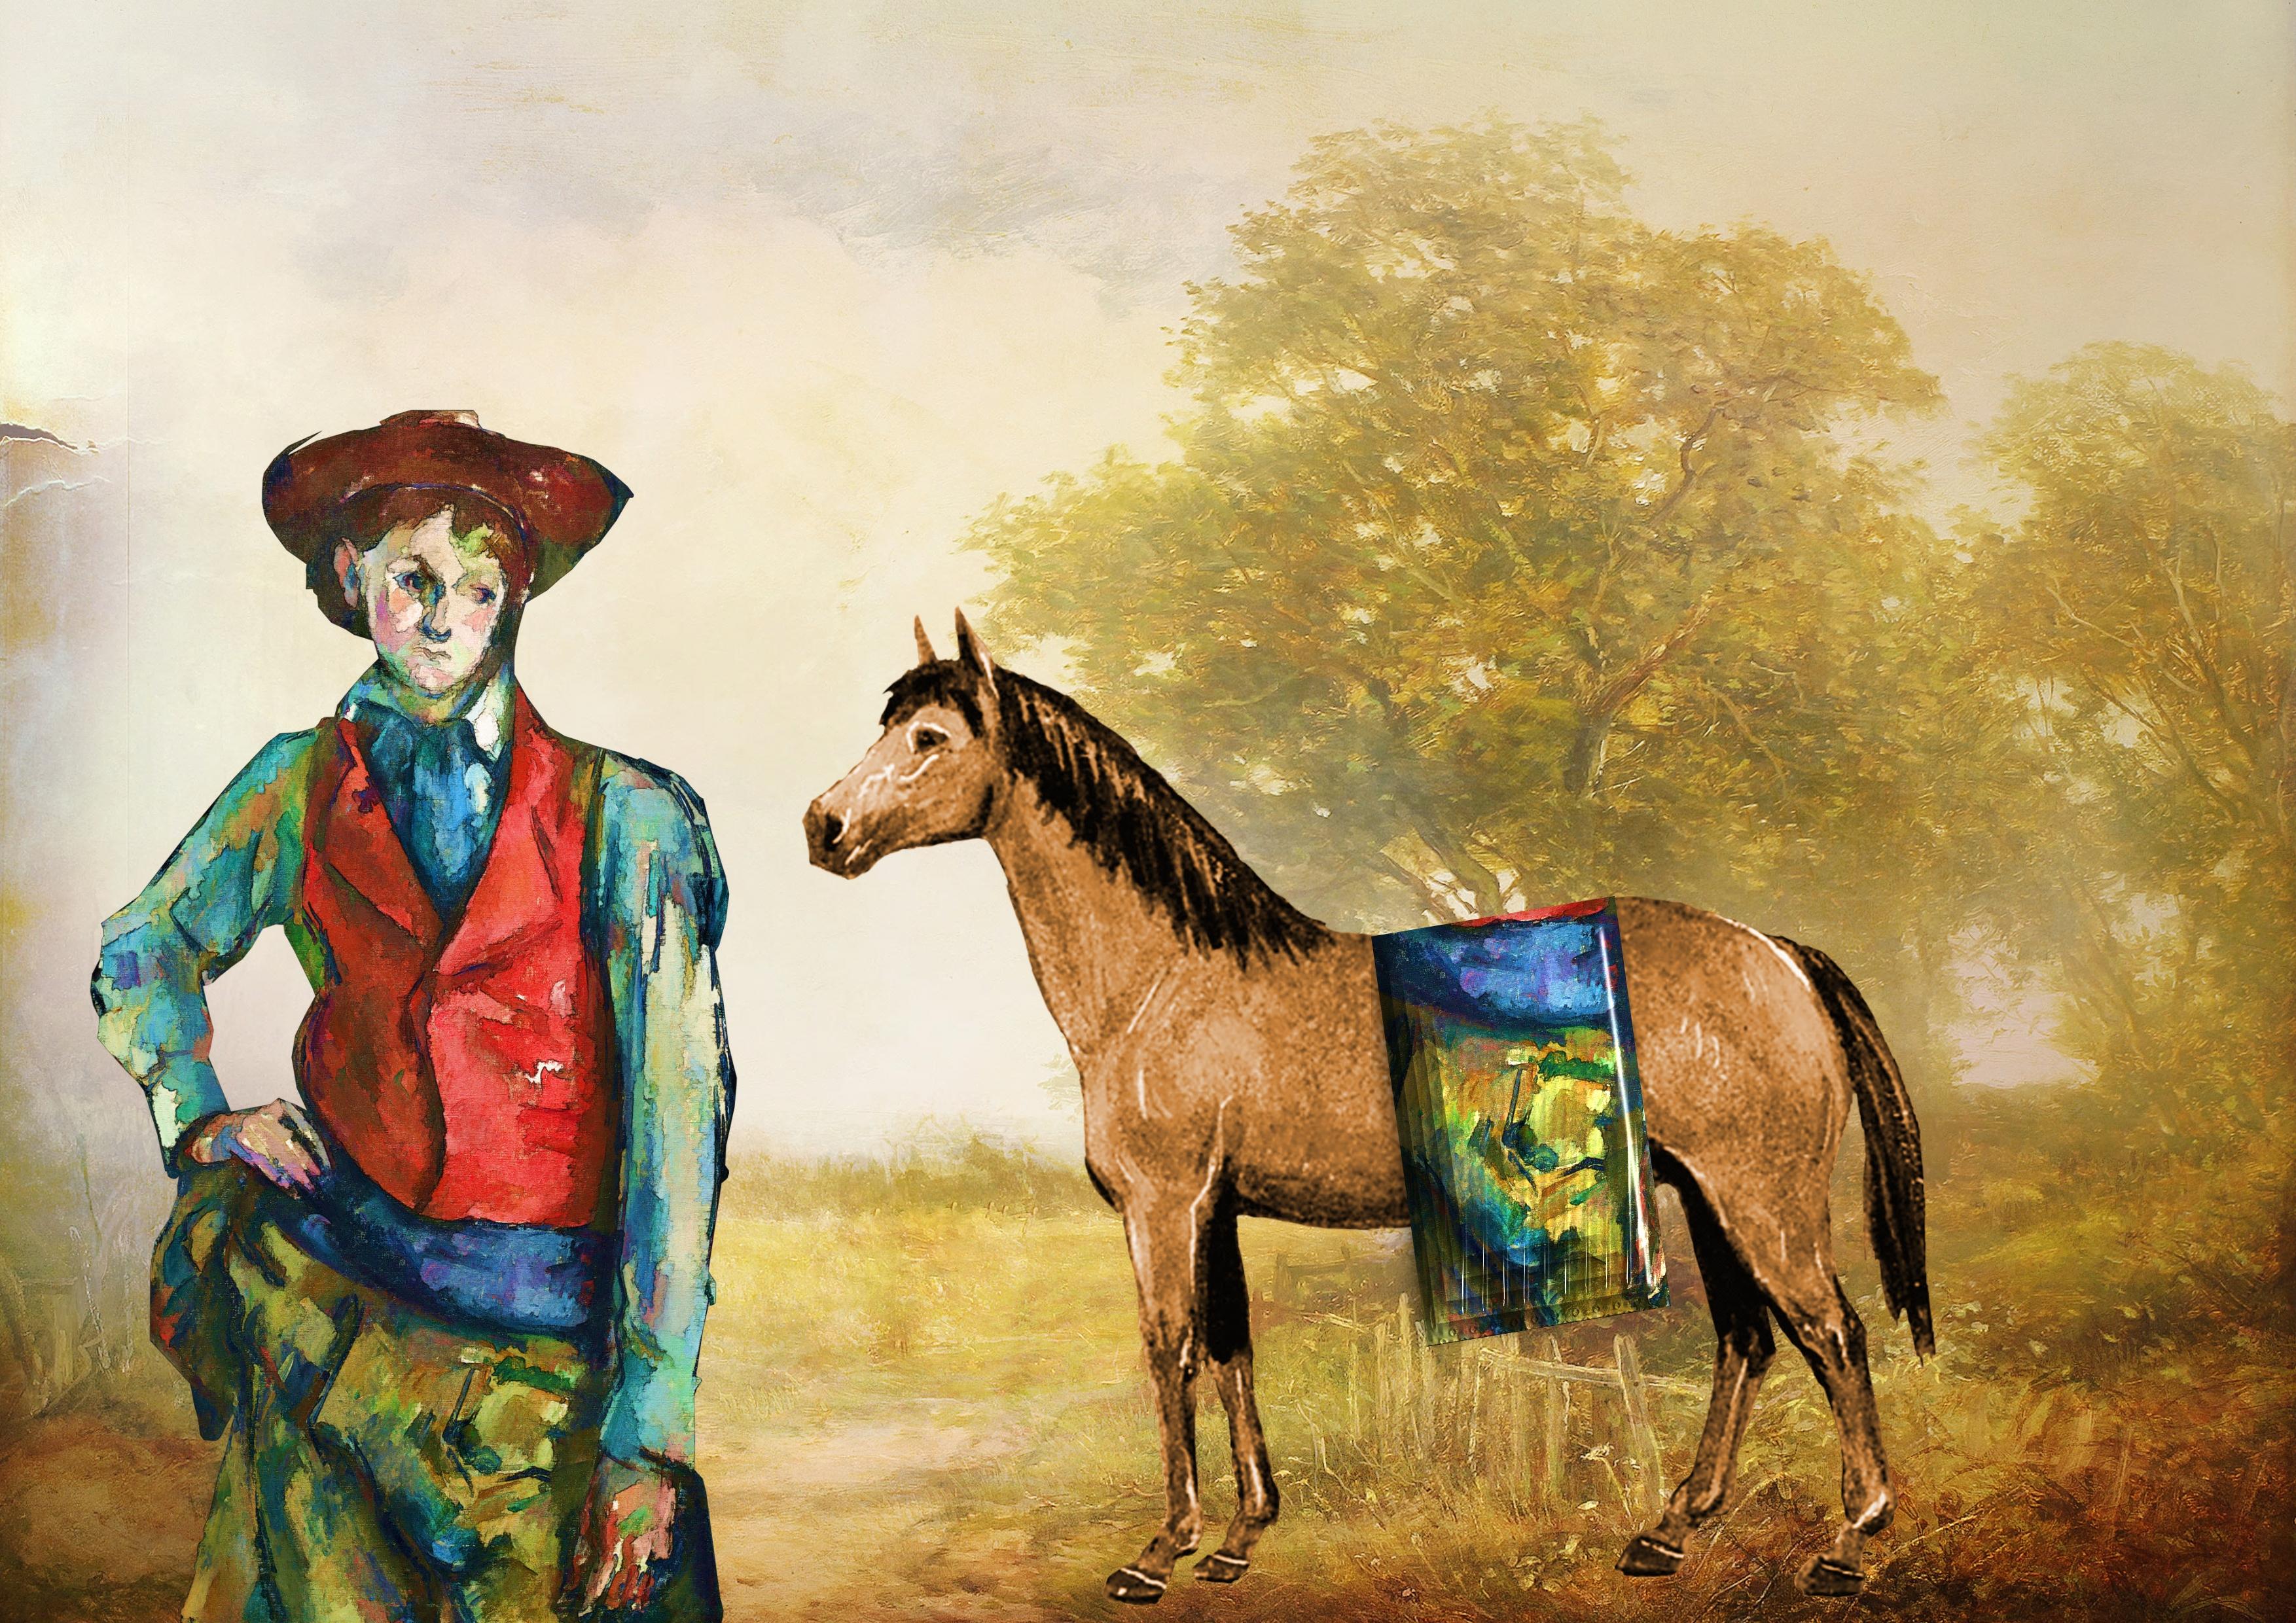 Fashionably Western